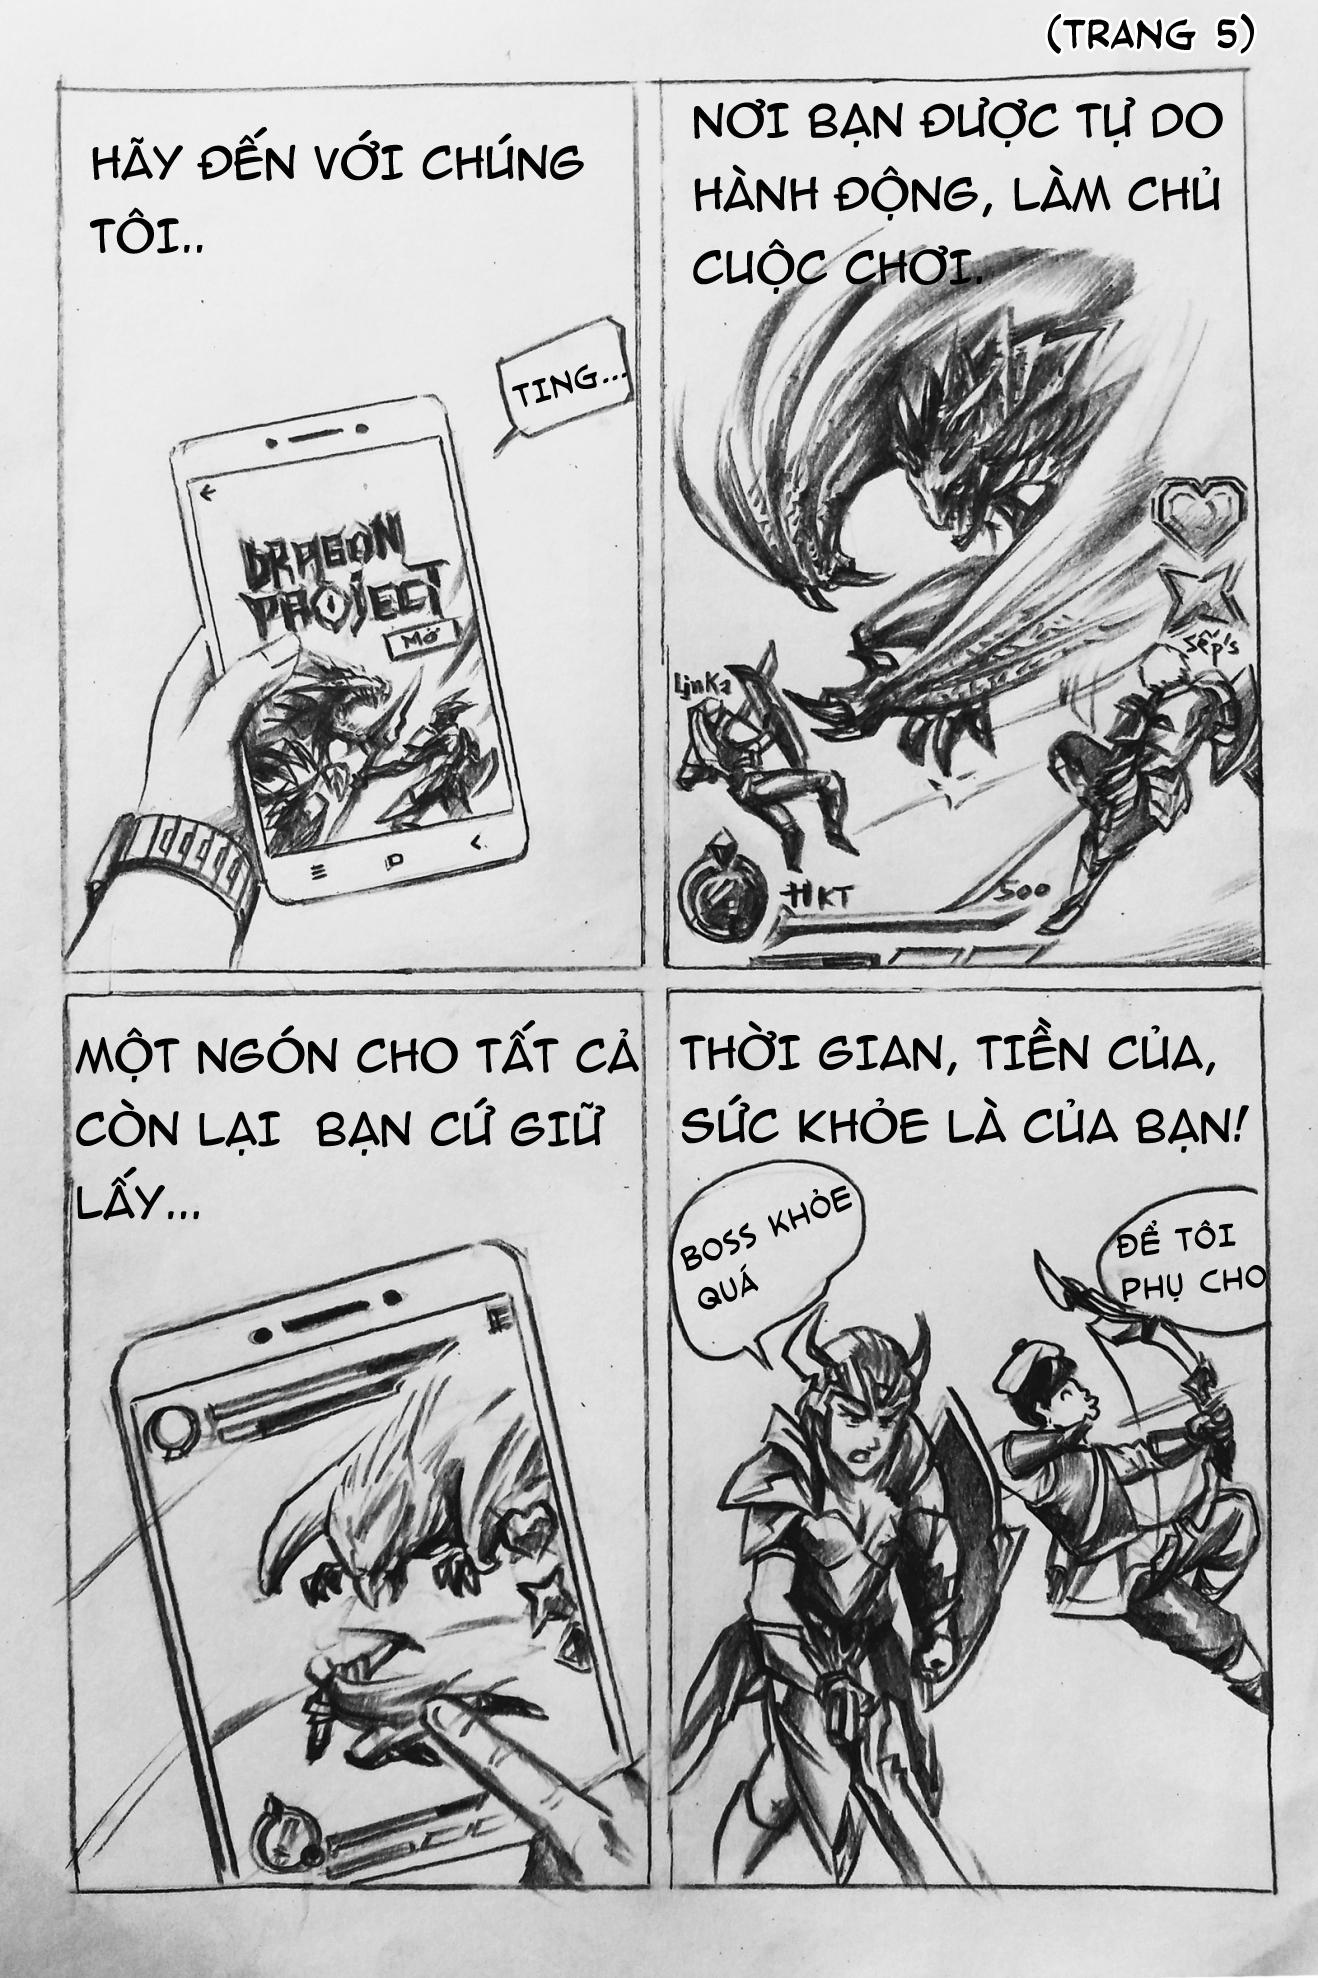 Dragon Project : Săn Rồng Mobile tuyên truyền thông điệp